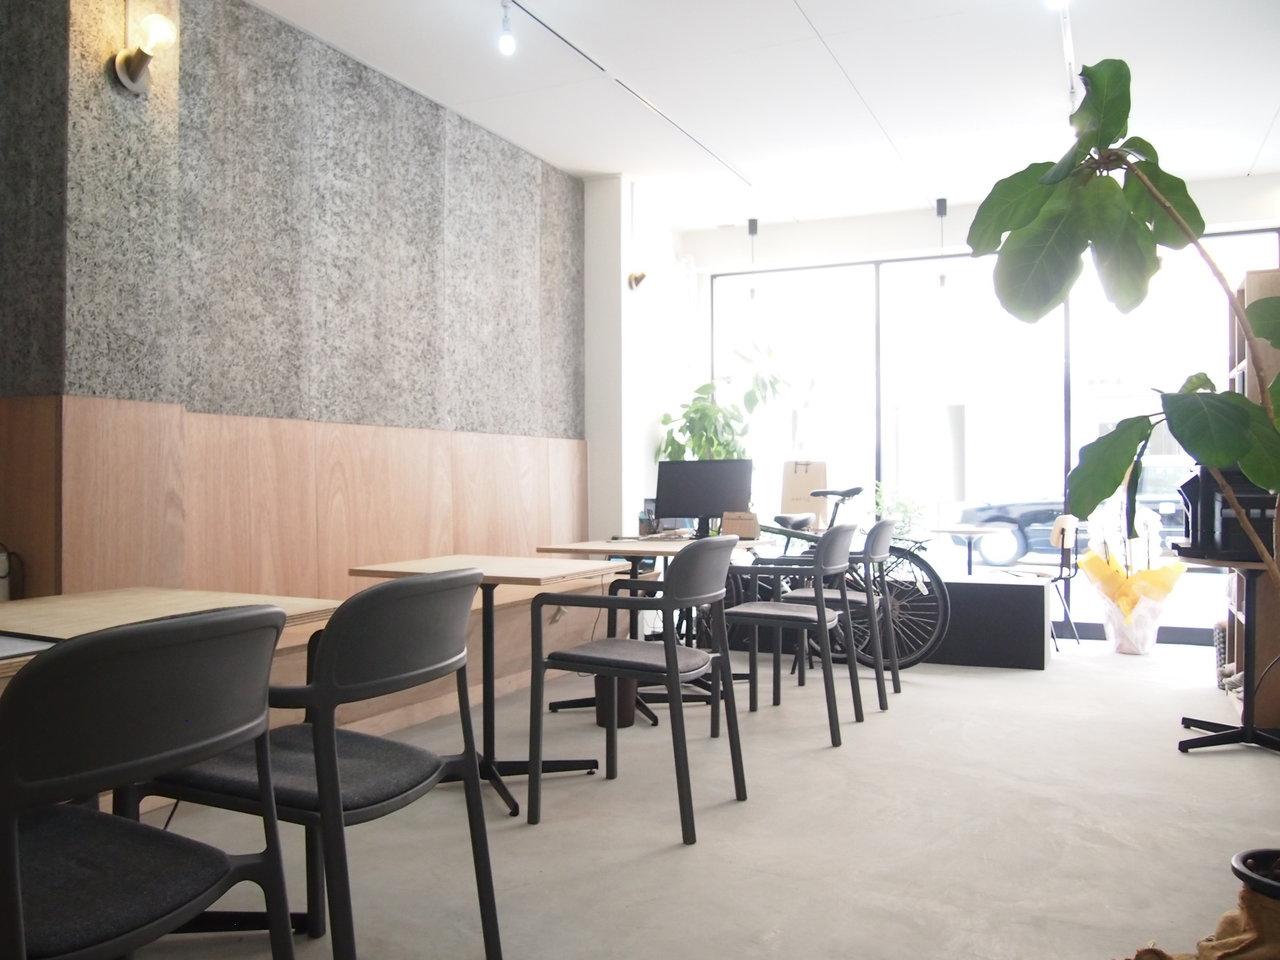 こちらはおかげさまで、満室スタートとなりました、大阪本町のシェアオフィスです。goodroom大阪店も、実は入居しています。